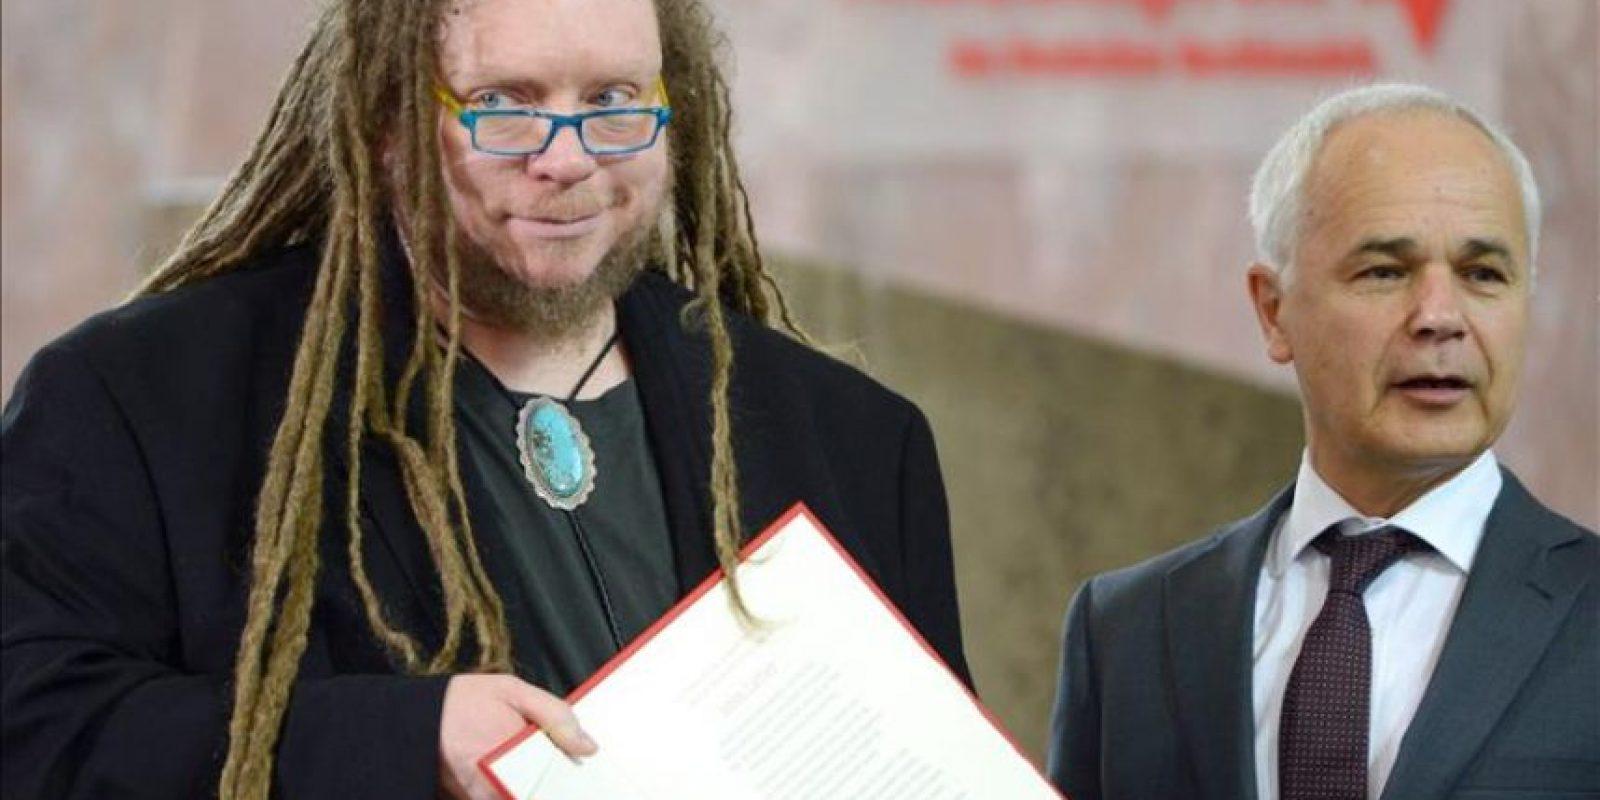 El informático, ensayista y músico estadounidense Jaron Lanier (iz) recibe el premio de la Paz de los Libreros alemanes 2014 de manos de Heinrich Riethmueller (d), presidente de esa agrupación durante una ceremonia en Paulskirche (Iglesia de San Paul) en Fráncfort (Alemania). EFE